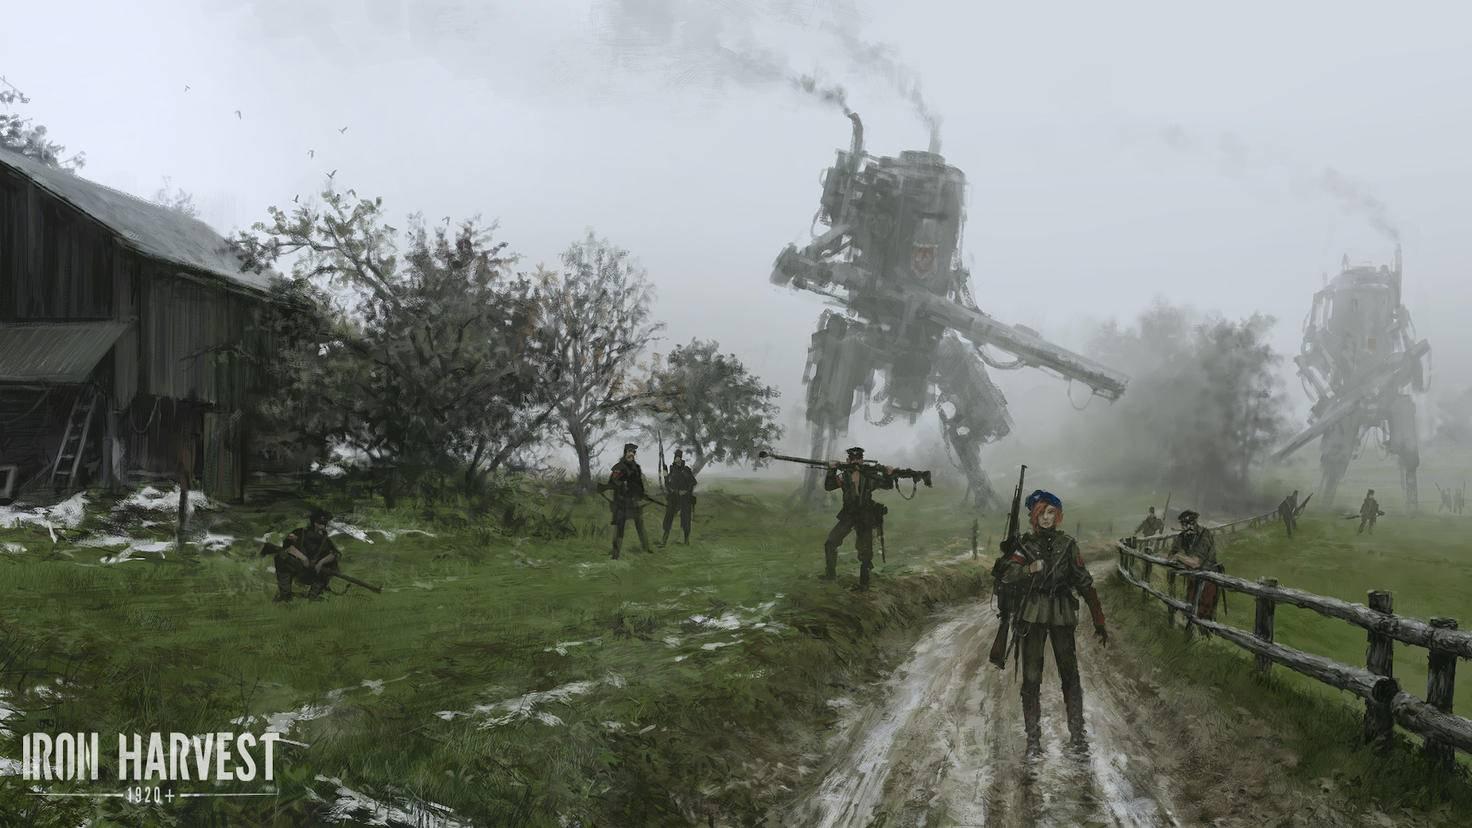 iron-harvest-polania-soldaten-smialy